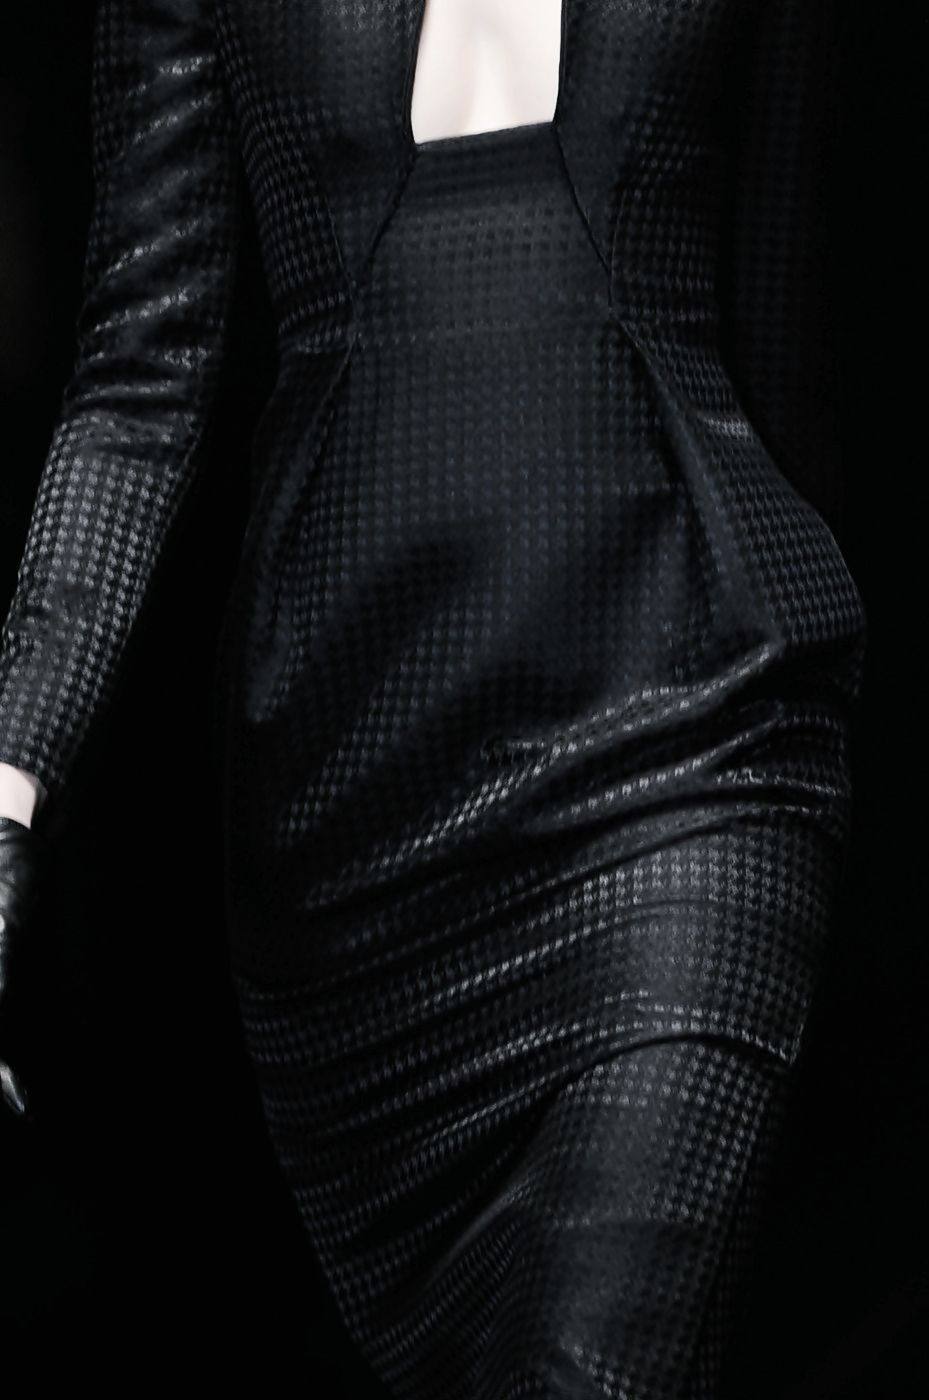 BLACK CLOTHES